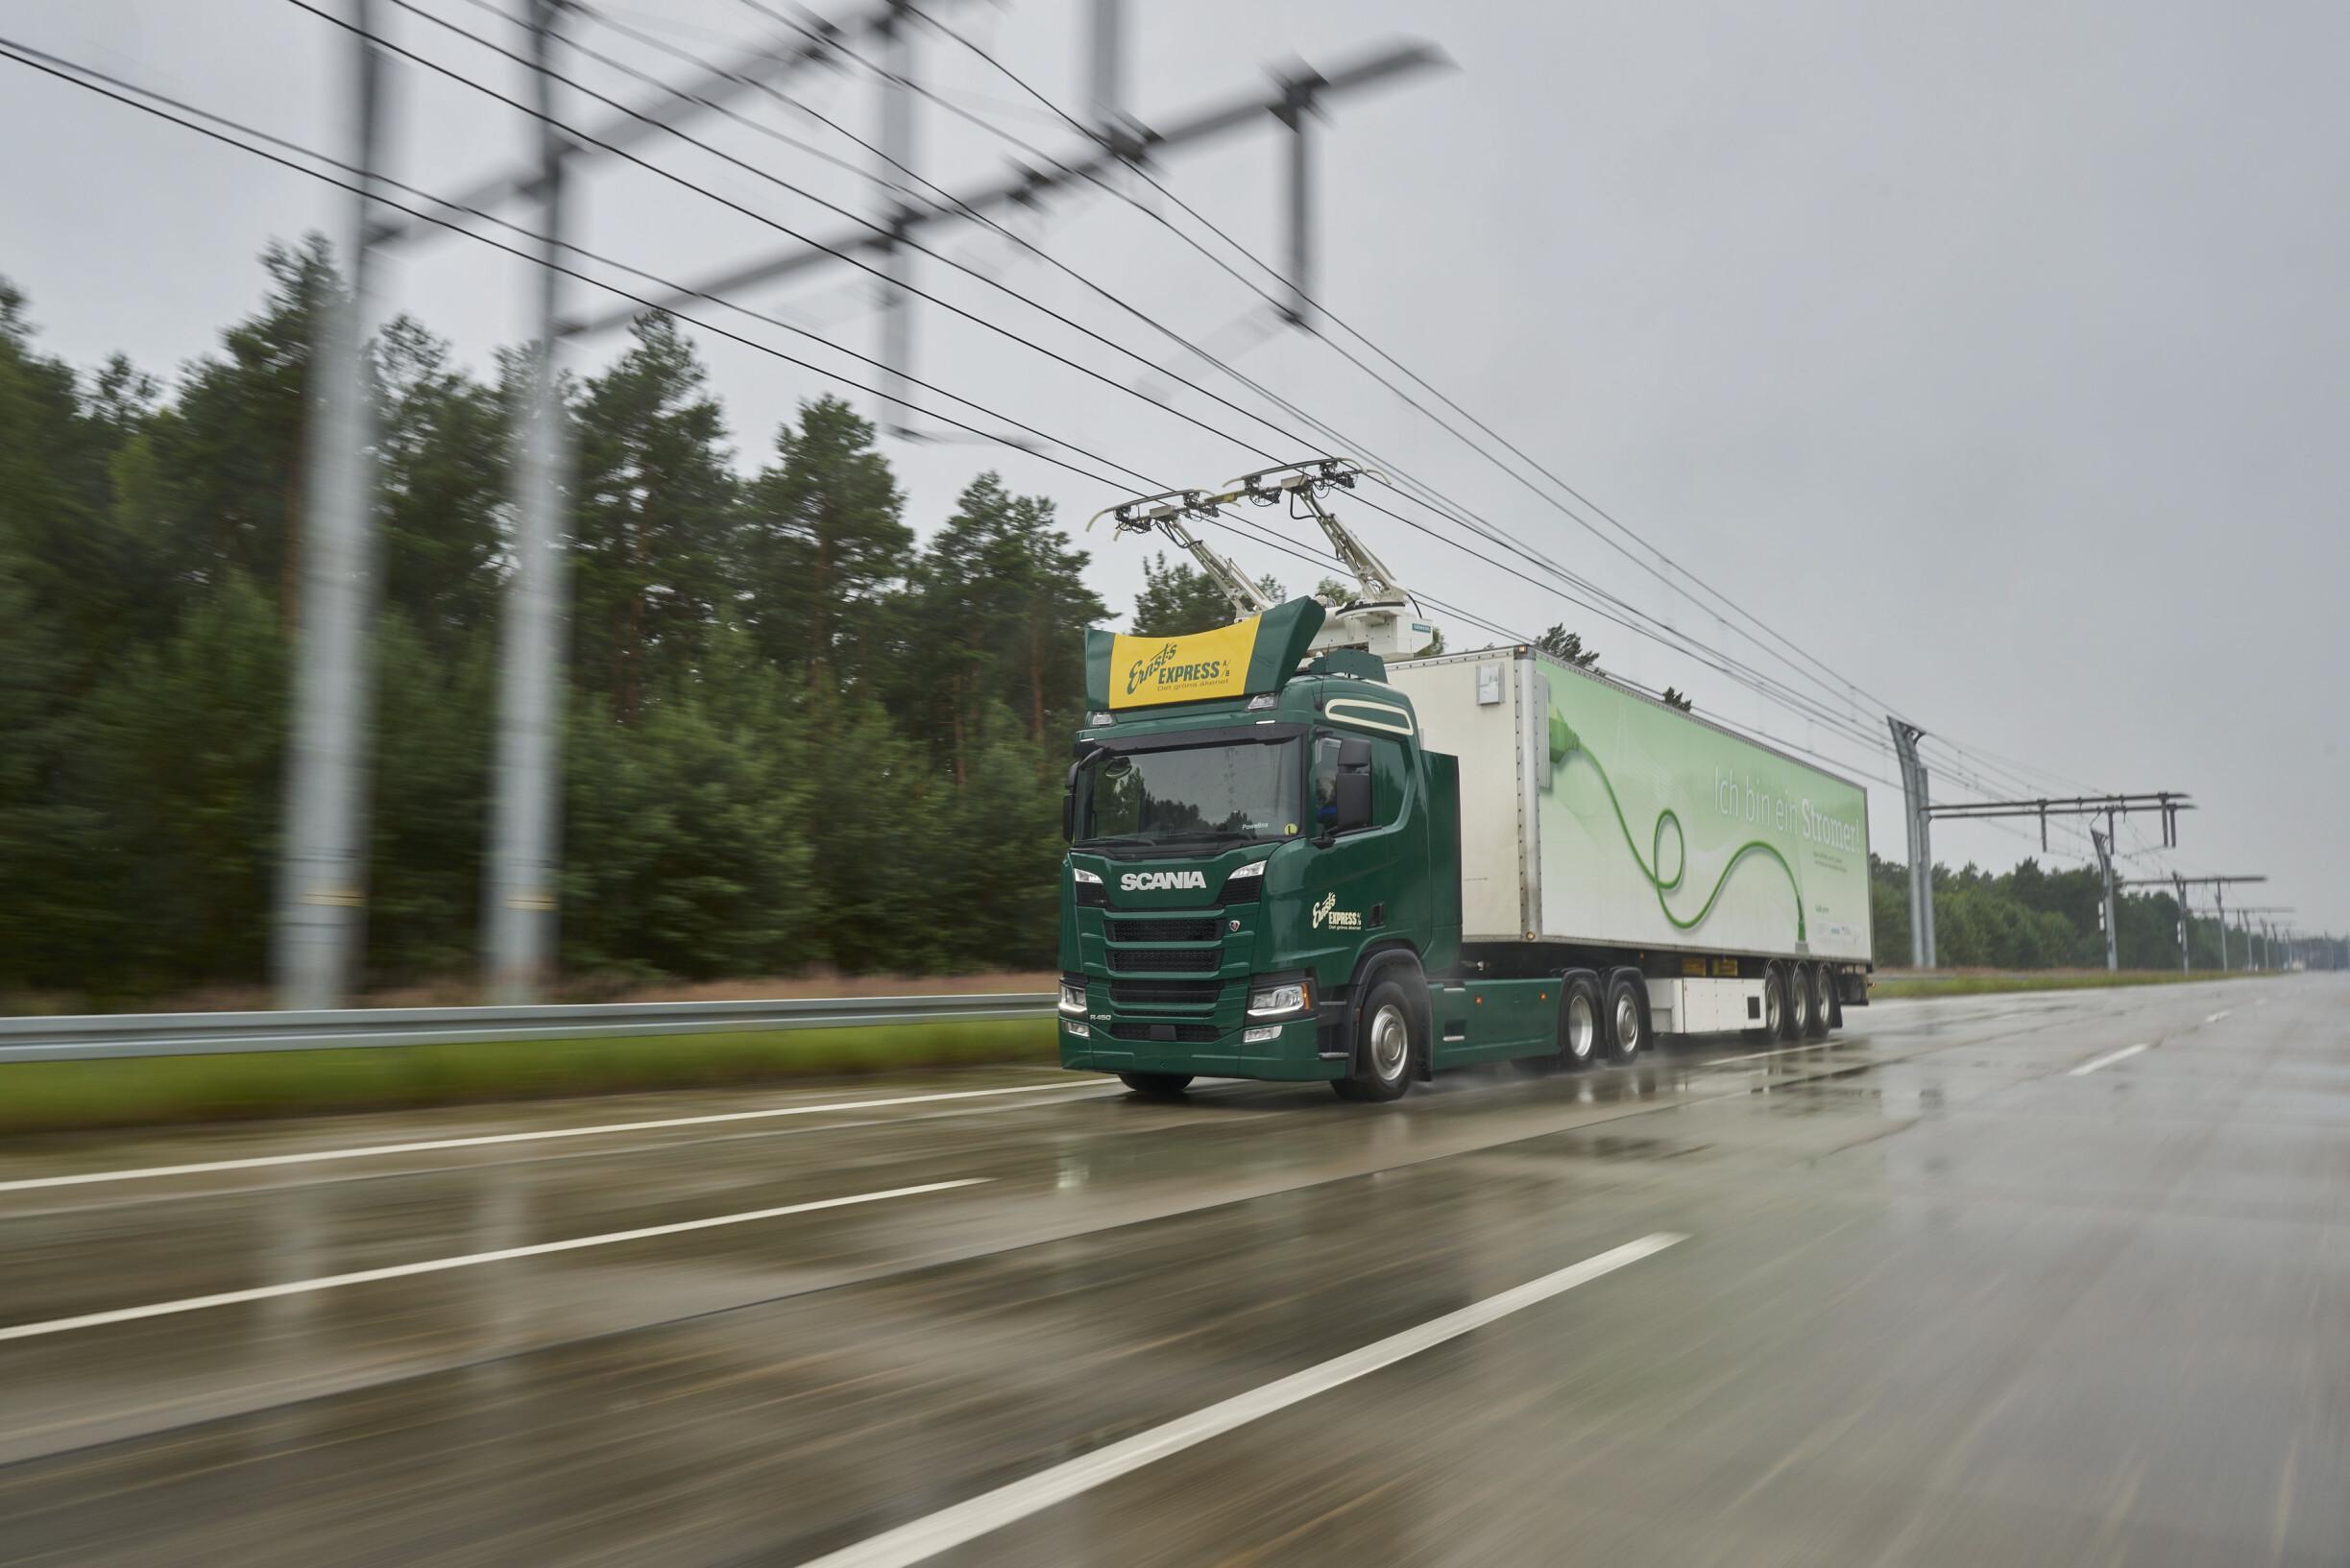 Solução de transporte sustentável Scania